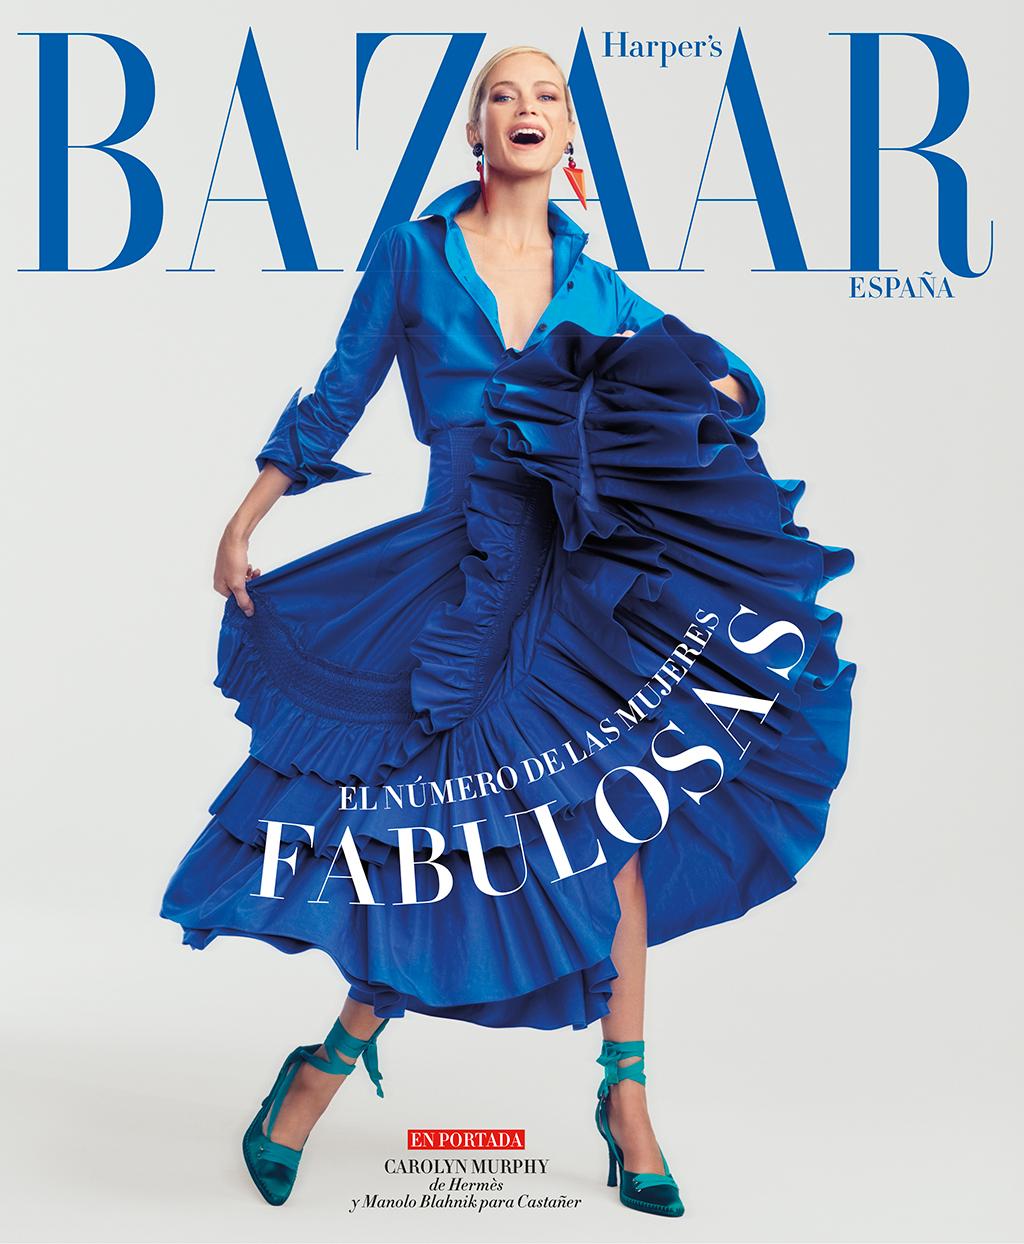 Las portadas de revistas de enero 2018